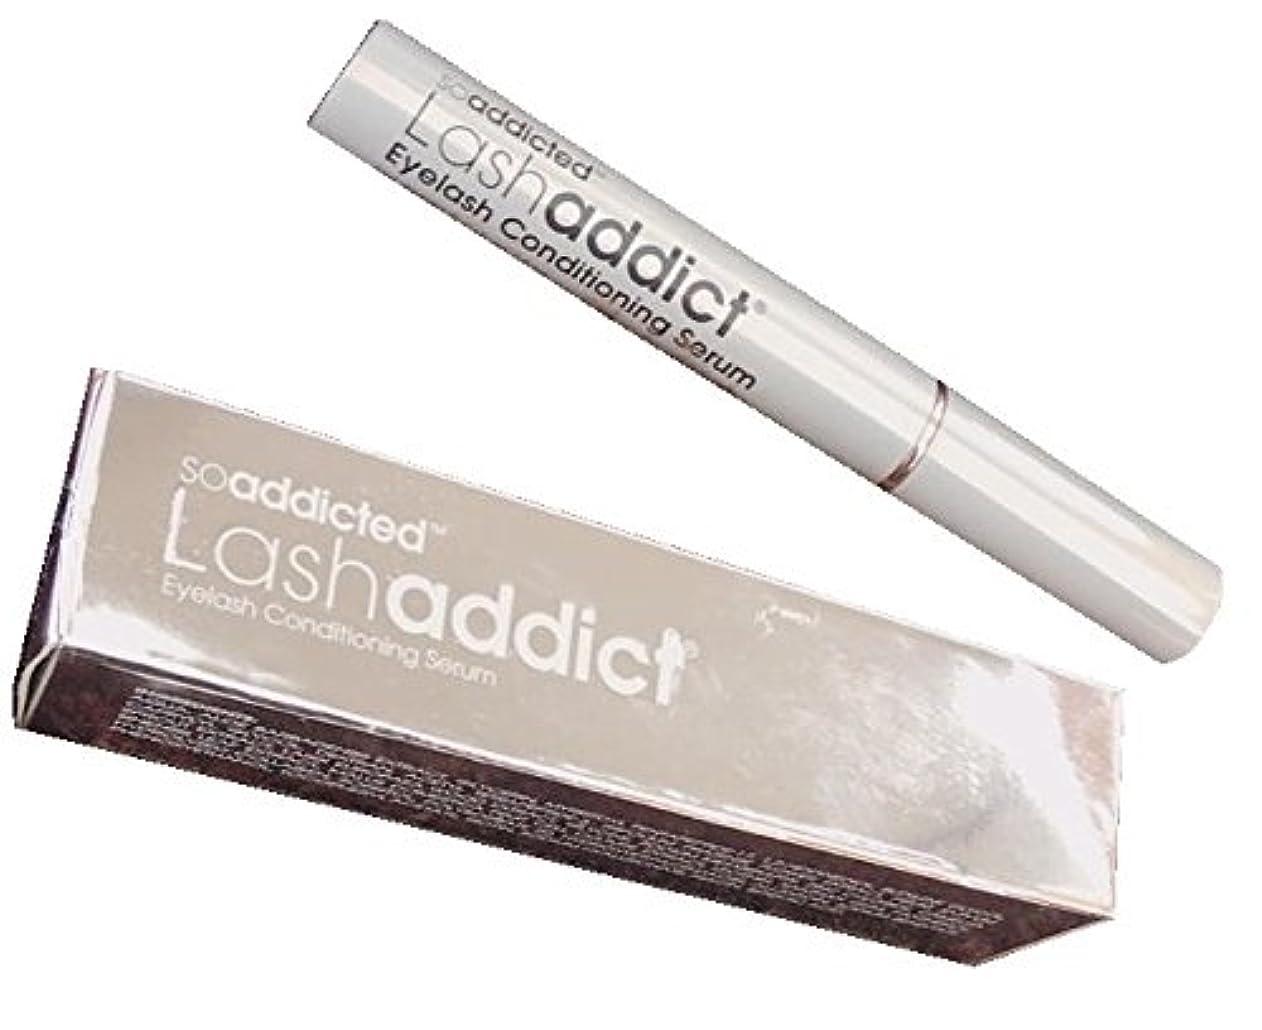 非常に周術期もっとラッシュアディクト アイラッシュ コンディショニング セラム 5ml (まつ毛美容液) -Lashaddict I LASH-